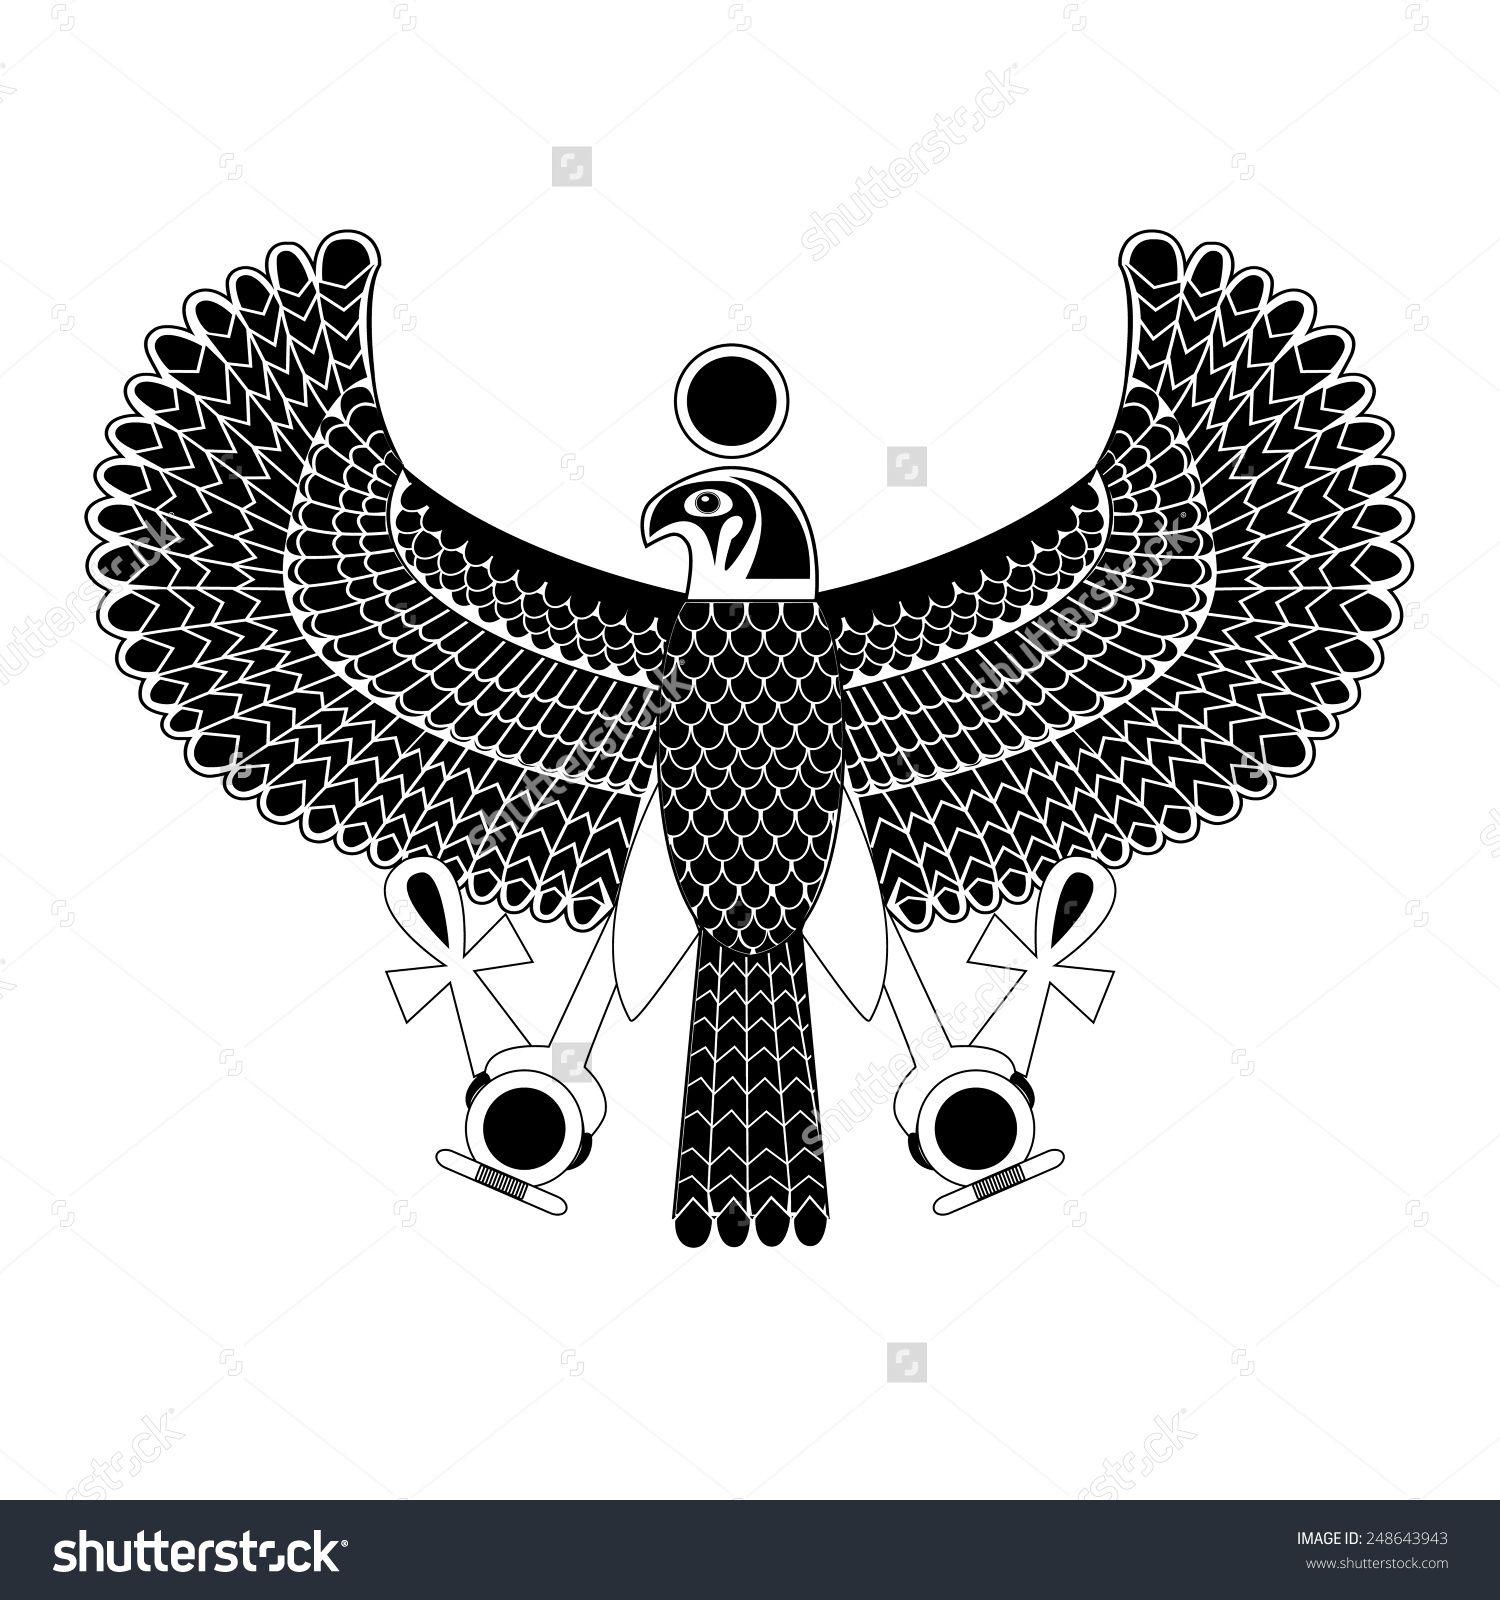 Horus egyptian god symbols horus horus egyptian god symbols biocorpaavc Gallery